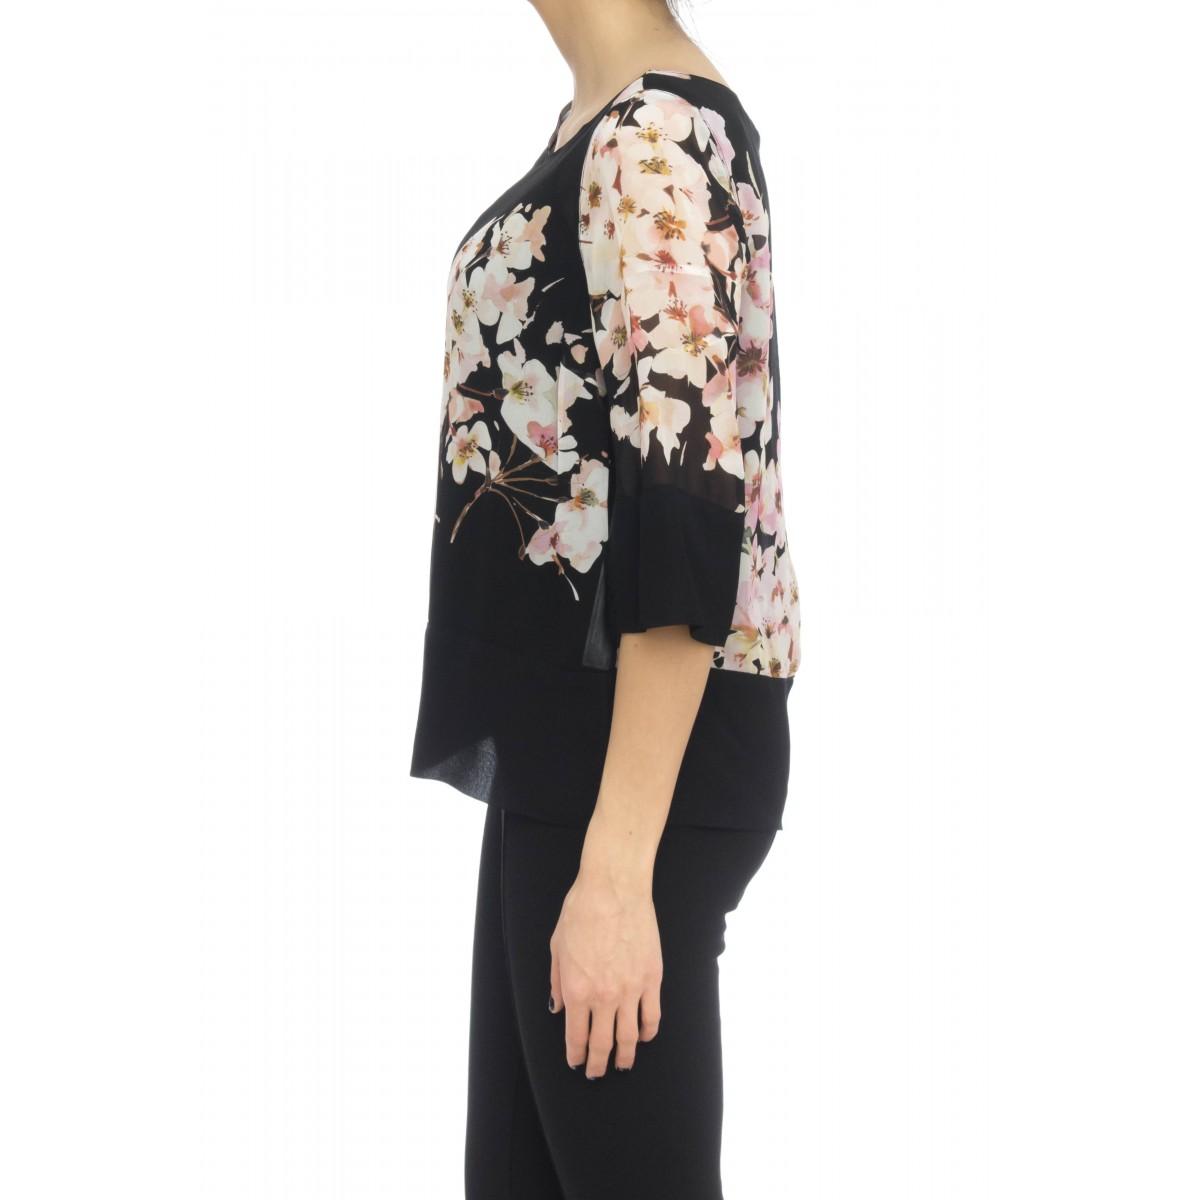 Camicia donna - 271c camicia stampa bocciolo